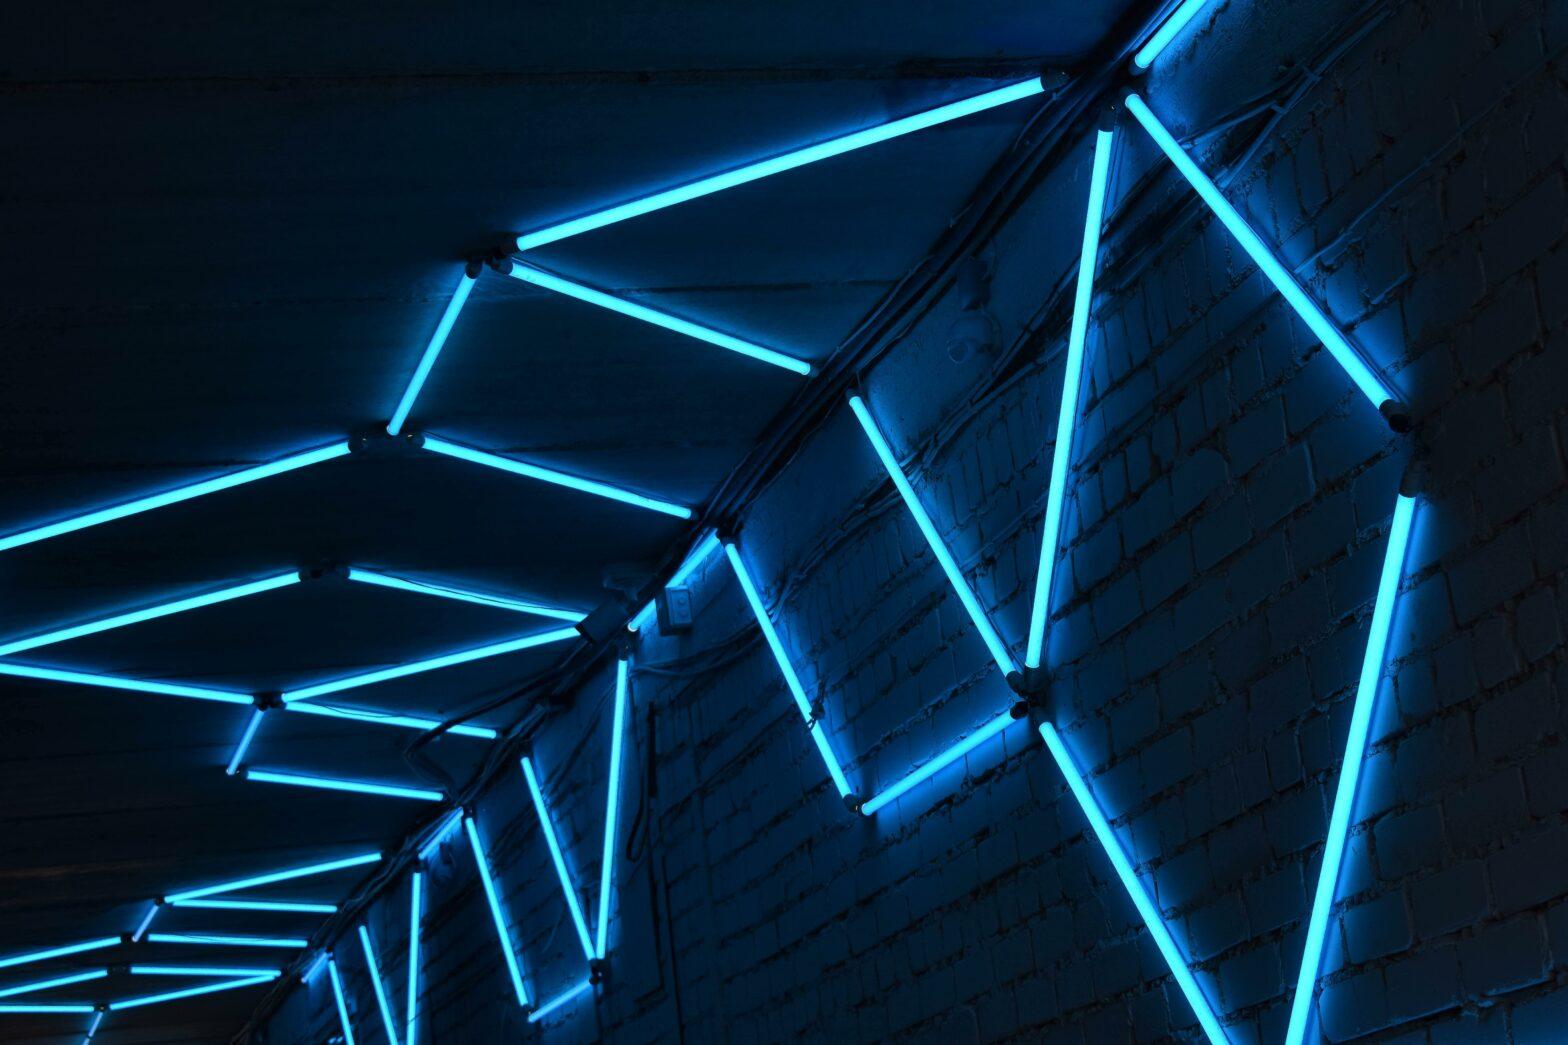 Neonabstract